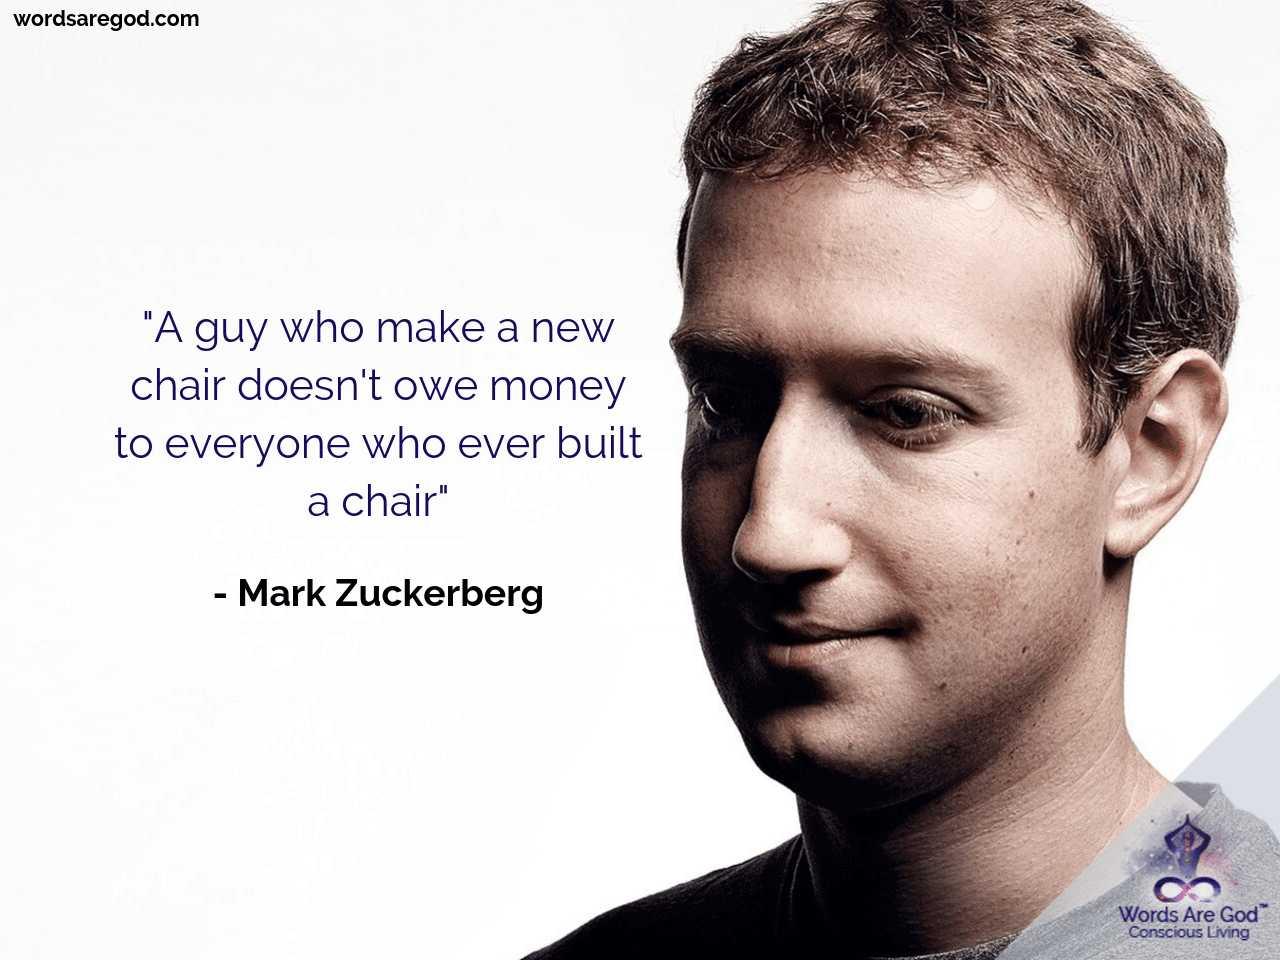 Mark Zuckerberg Life Quote